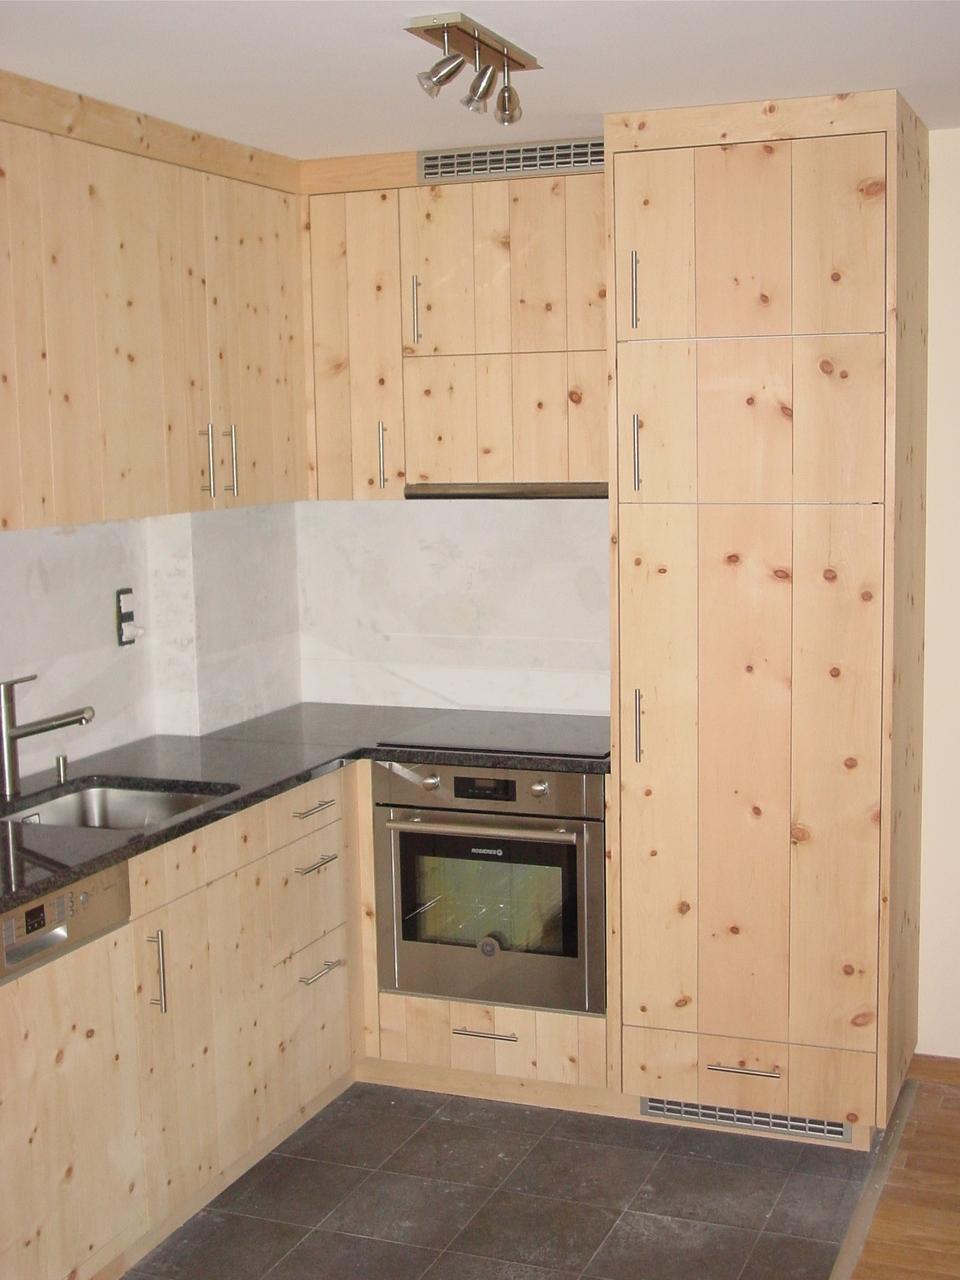 Arvenküche modern, Massivholzküche